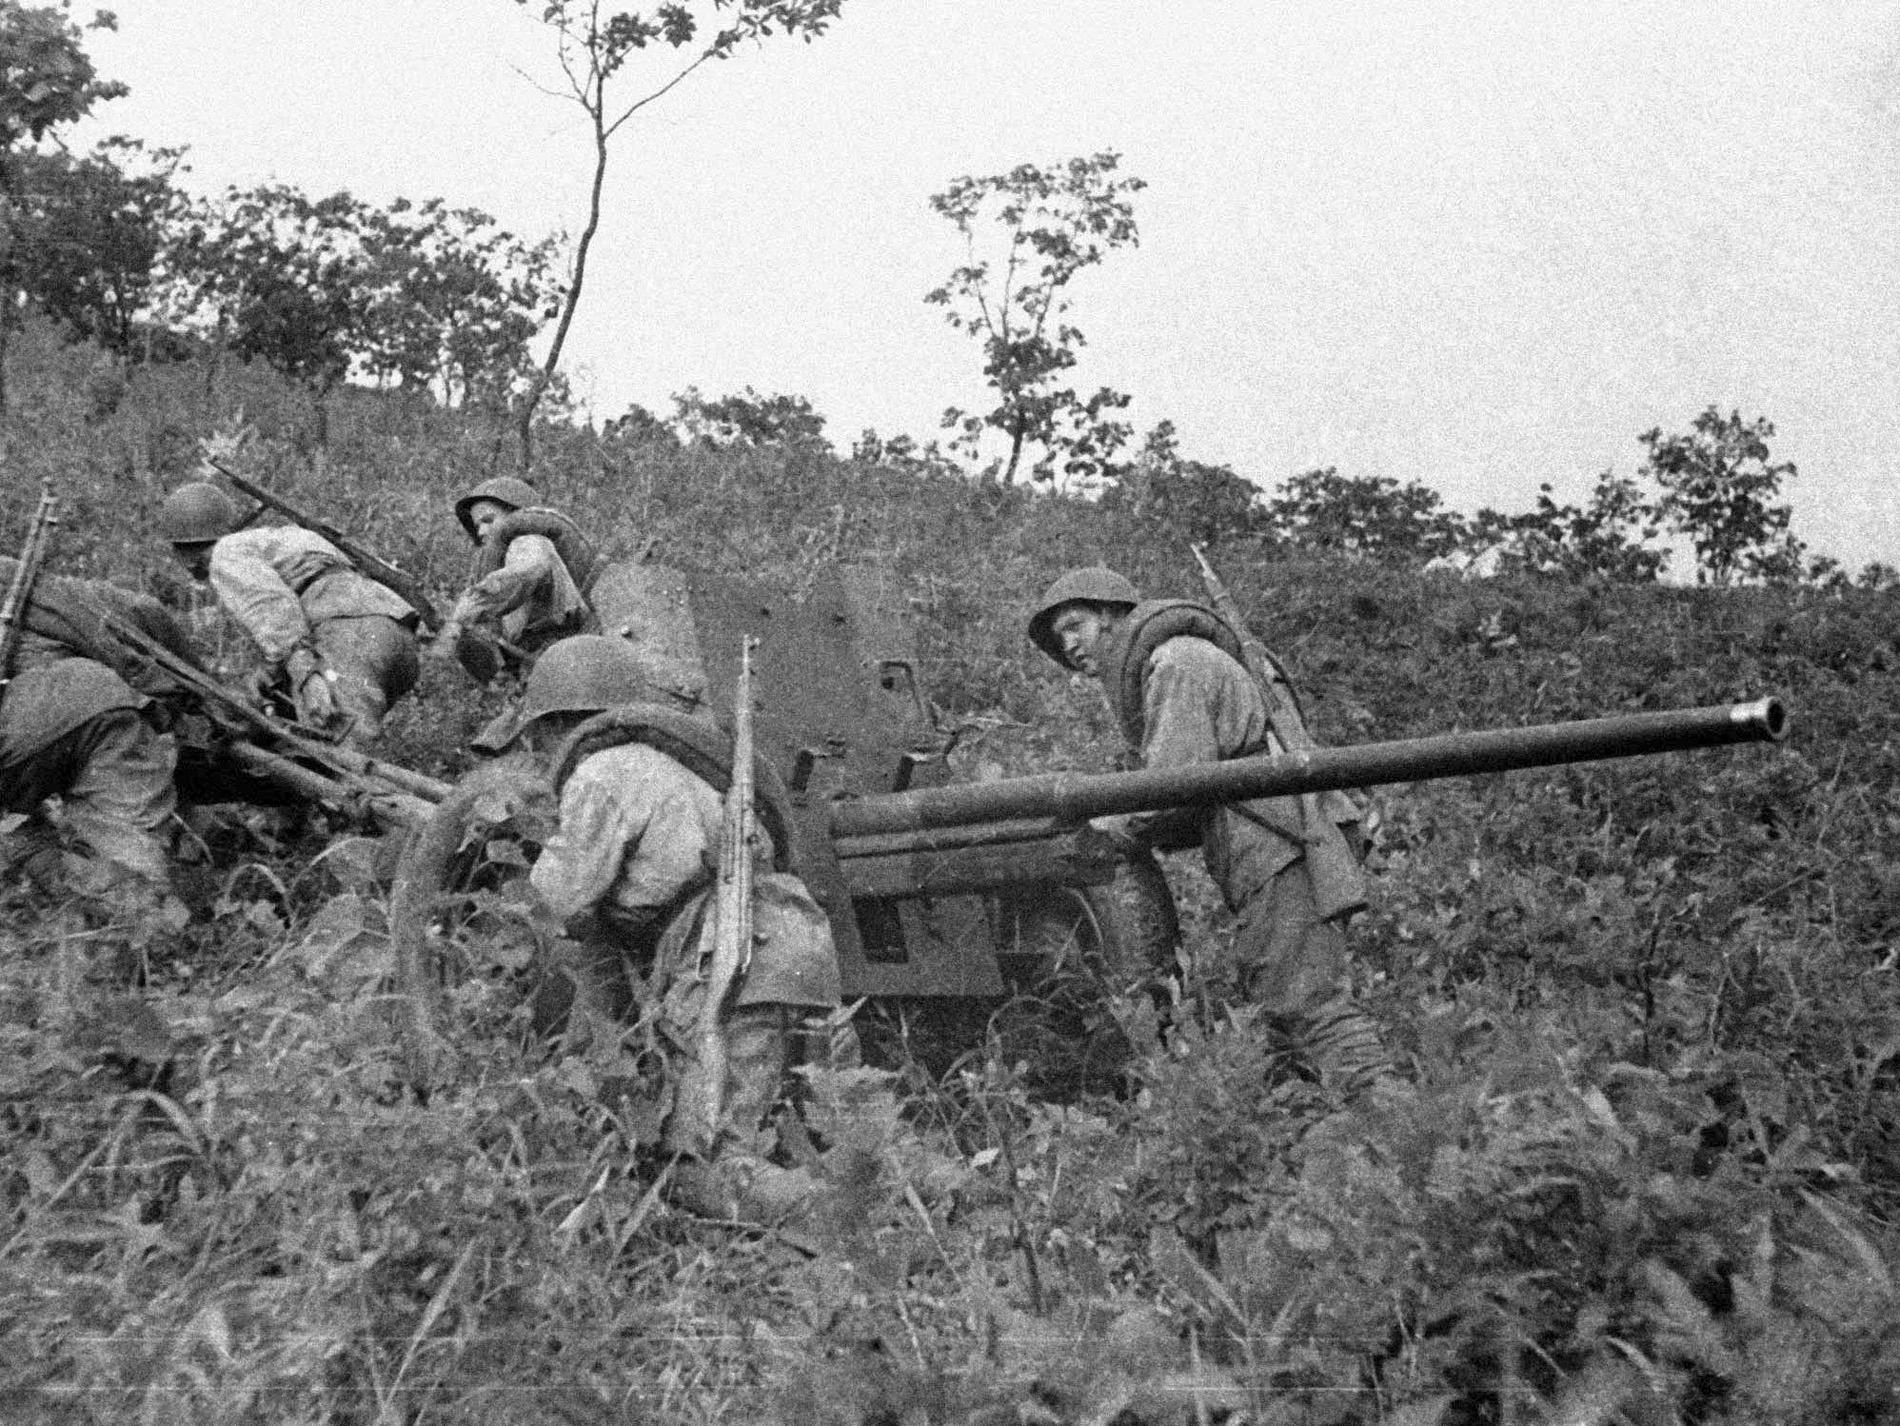 45мм противотанковая пушка образца 1942 года М-42